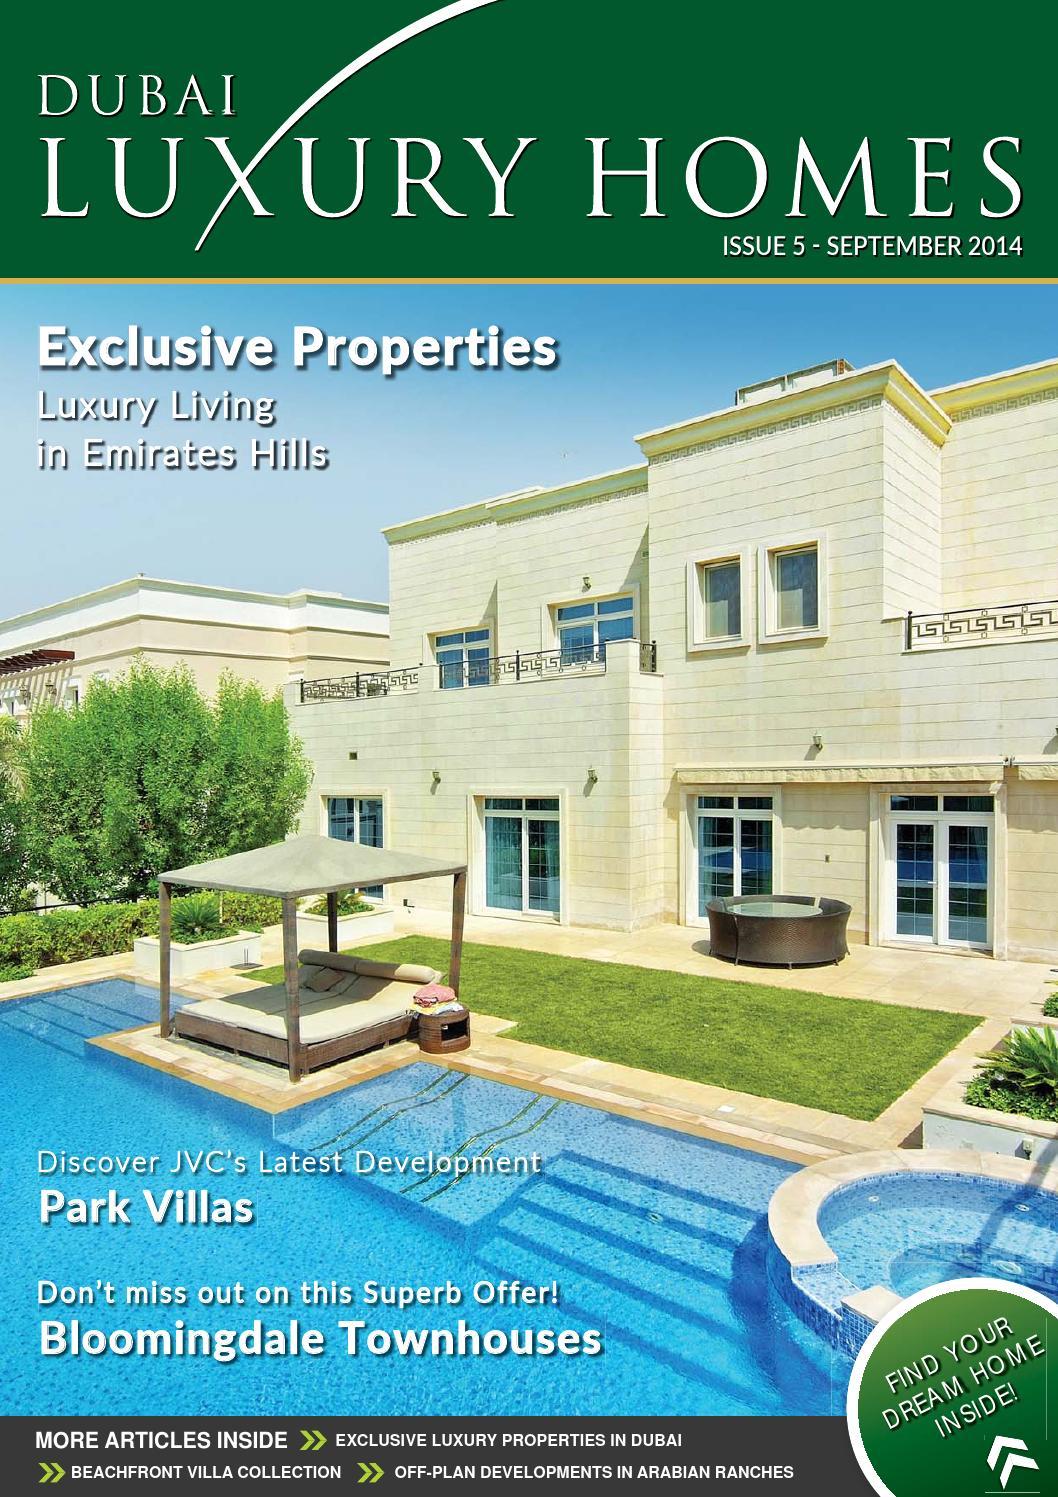 Dubai luxury homes issue 05 by dubai luxury homes issuu for Dubai luxury homes photos